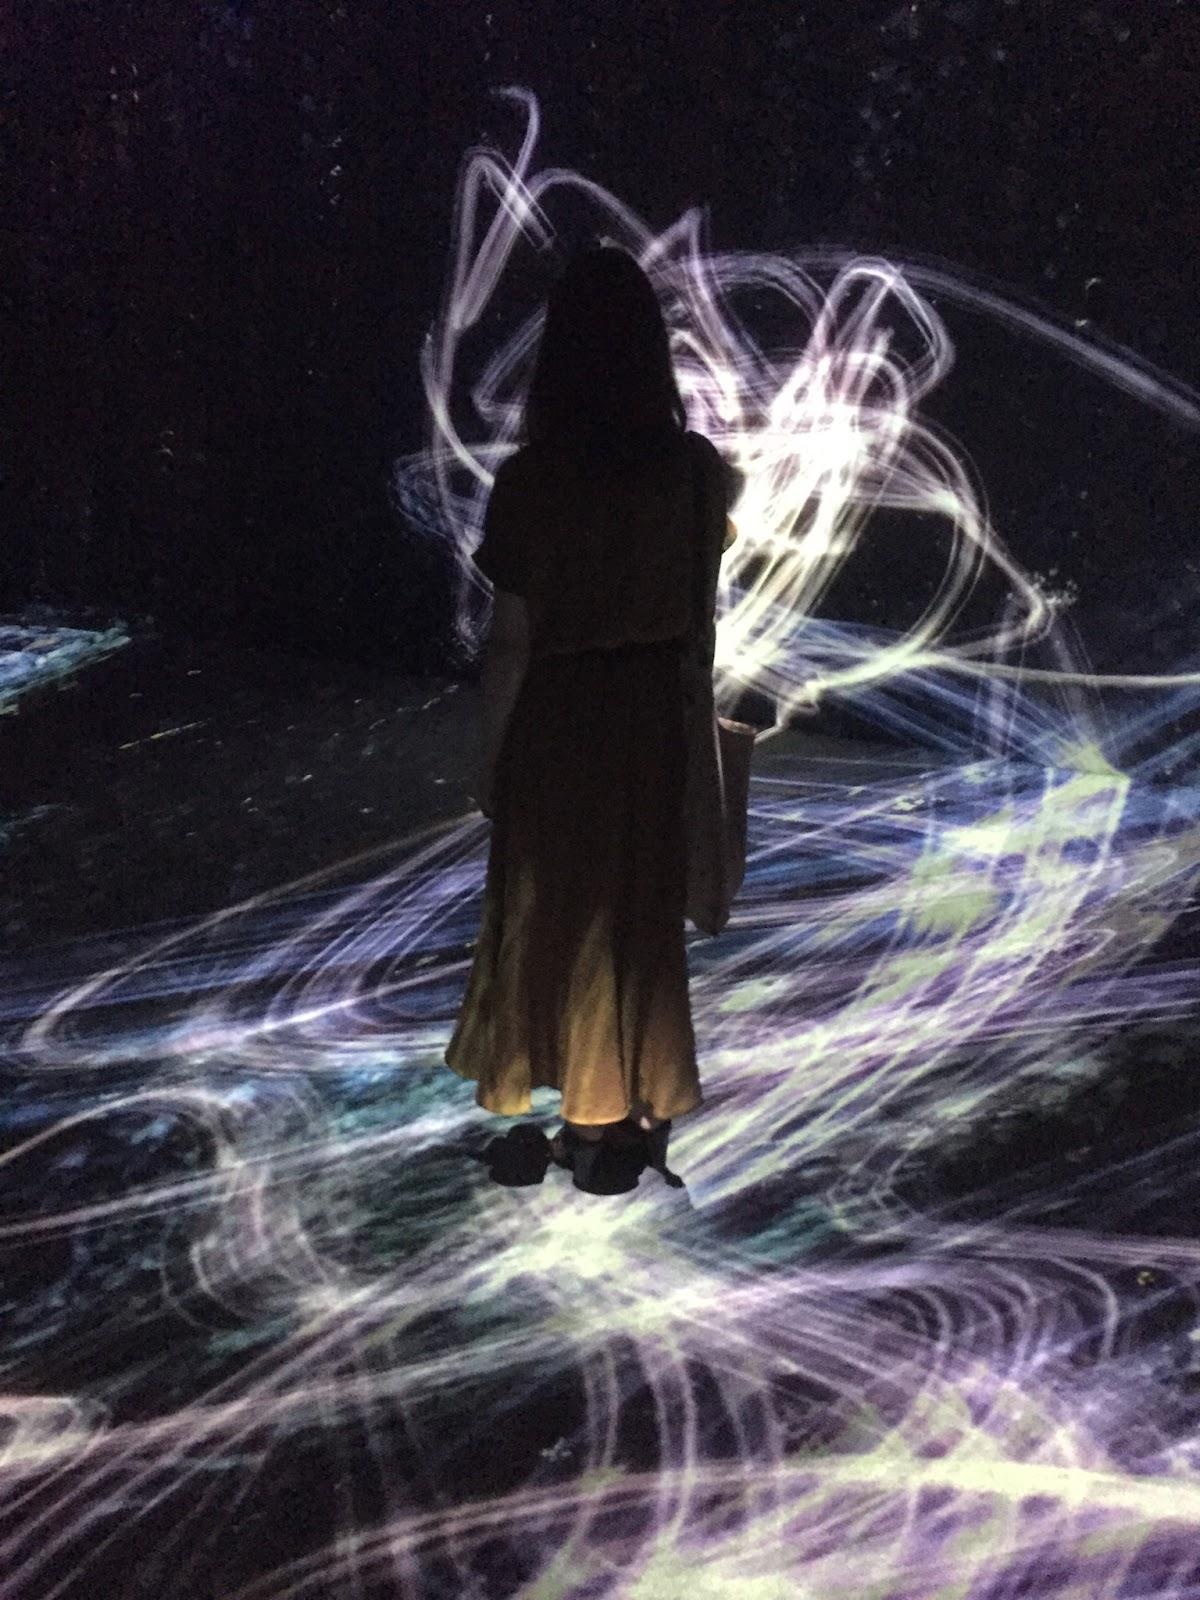 宇宙と芸術展:かぐや姫、ダ・ヴィンチ、チームラボ | 森美術館 | 2016-07 【鑑賞メモ】